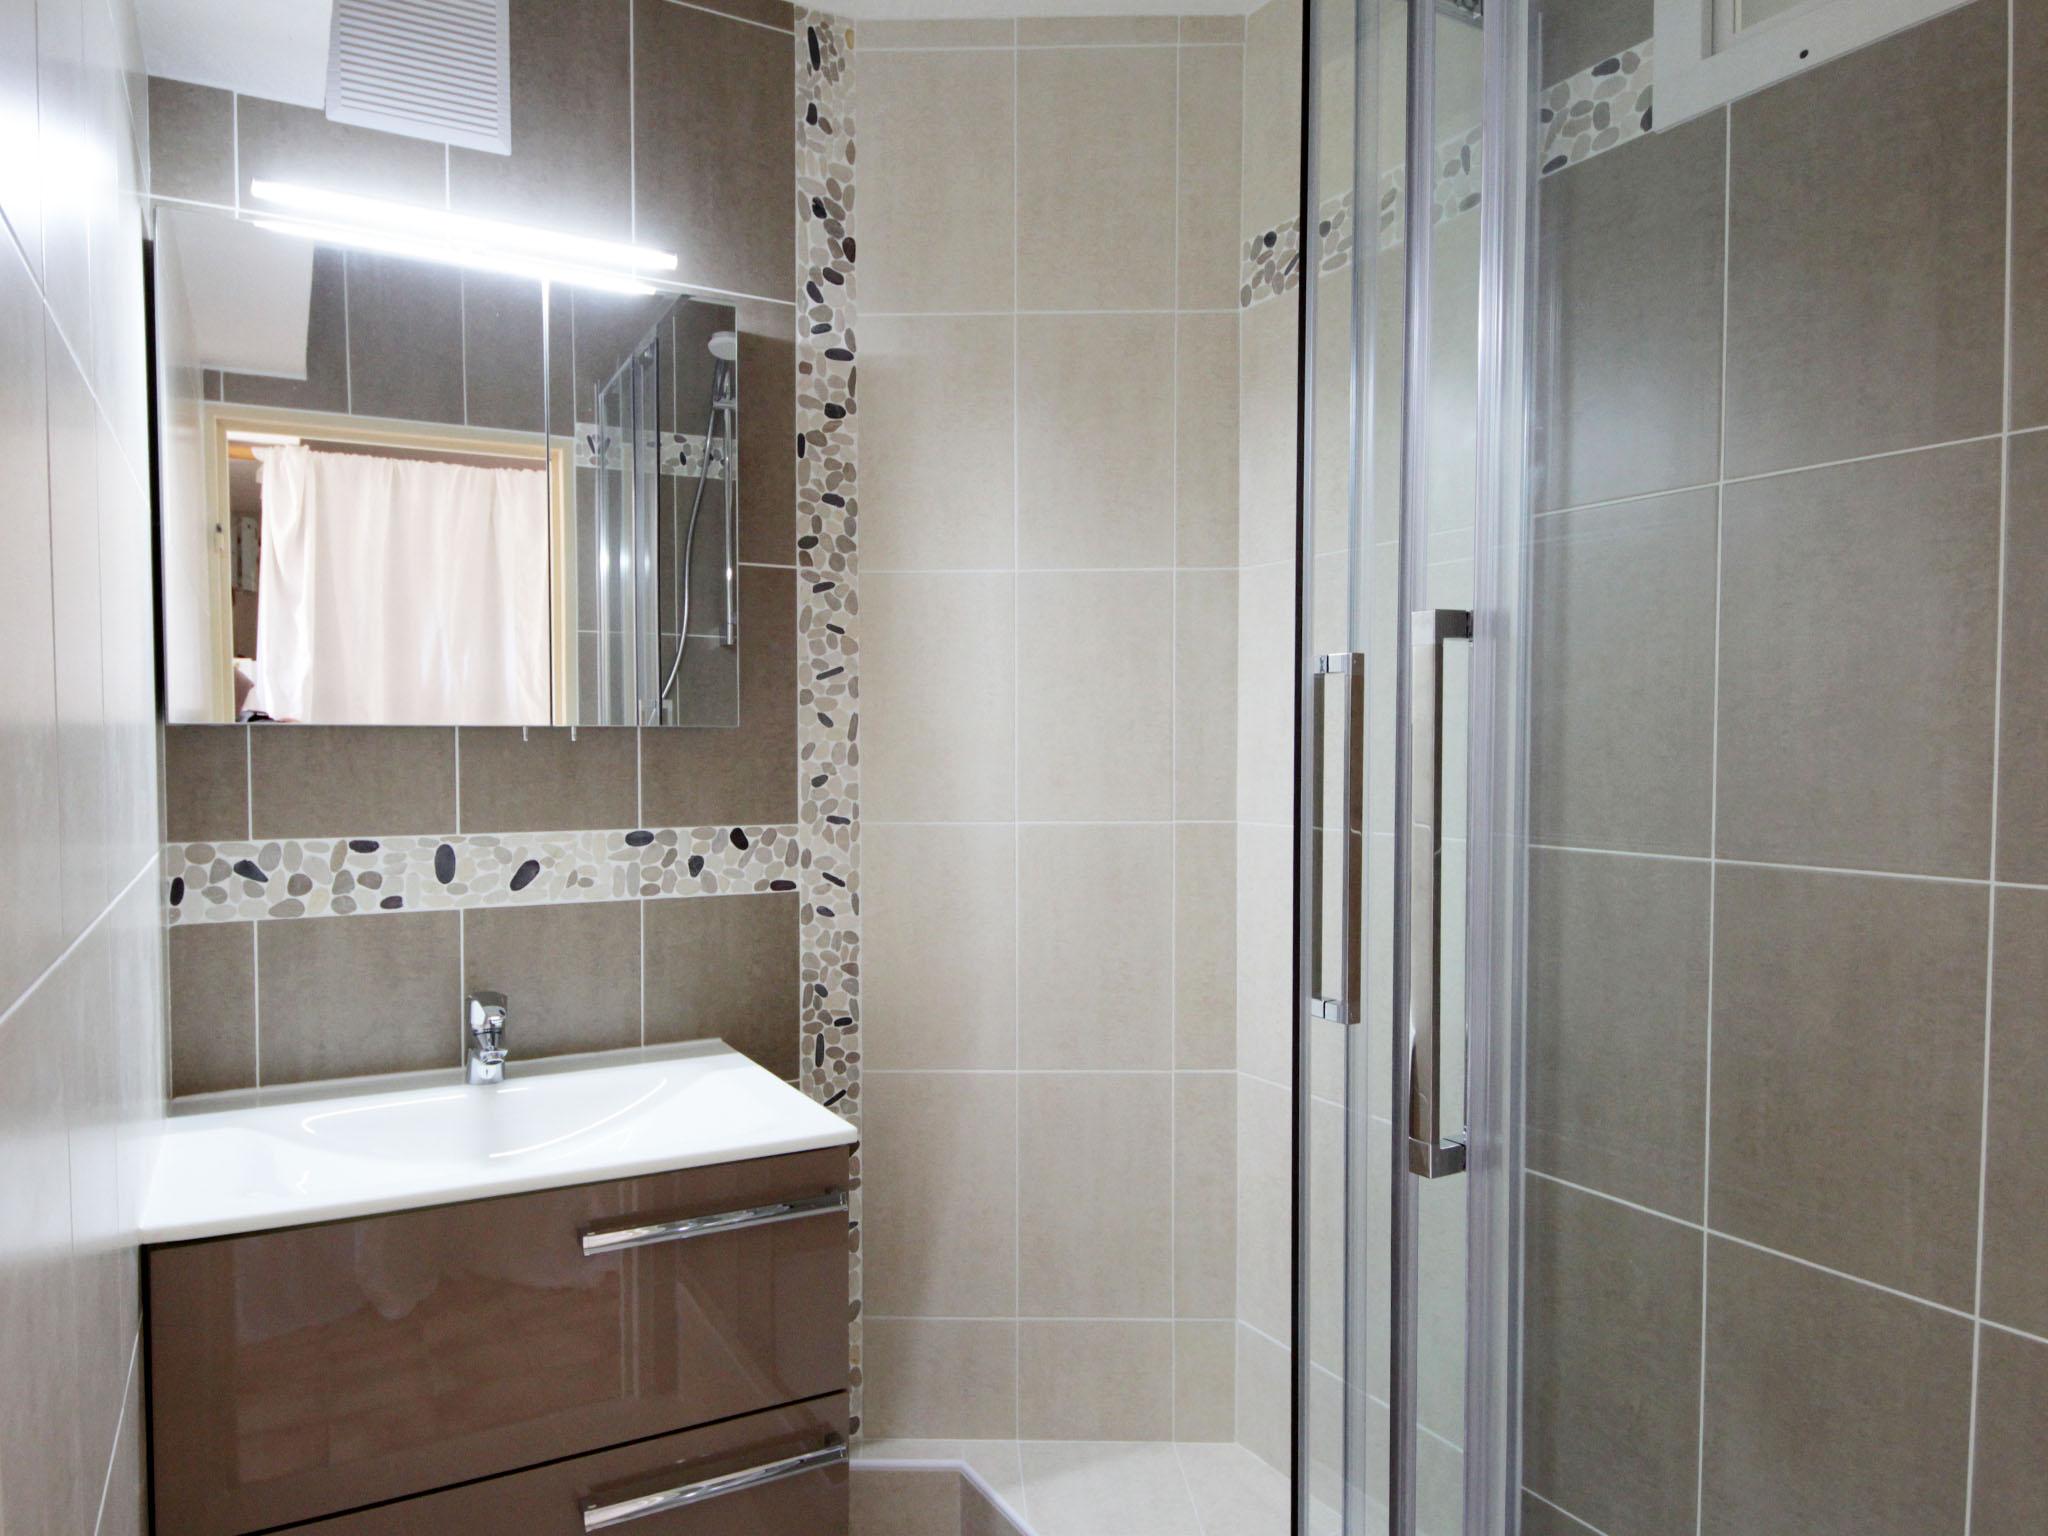 travaux de renovation d 39 interieur cuisine salle de bains peinture carrelage vacances. Black Bedroom Furniture Sets. Home Design Ideas